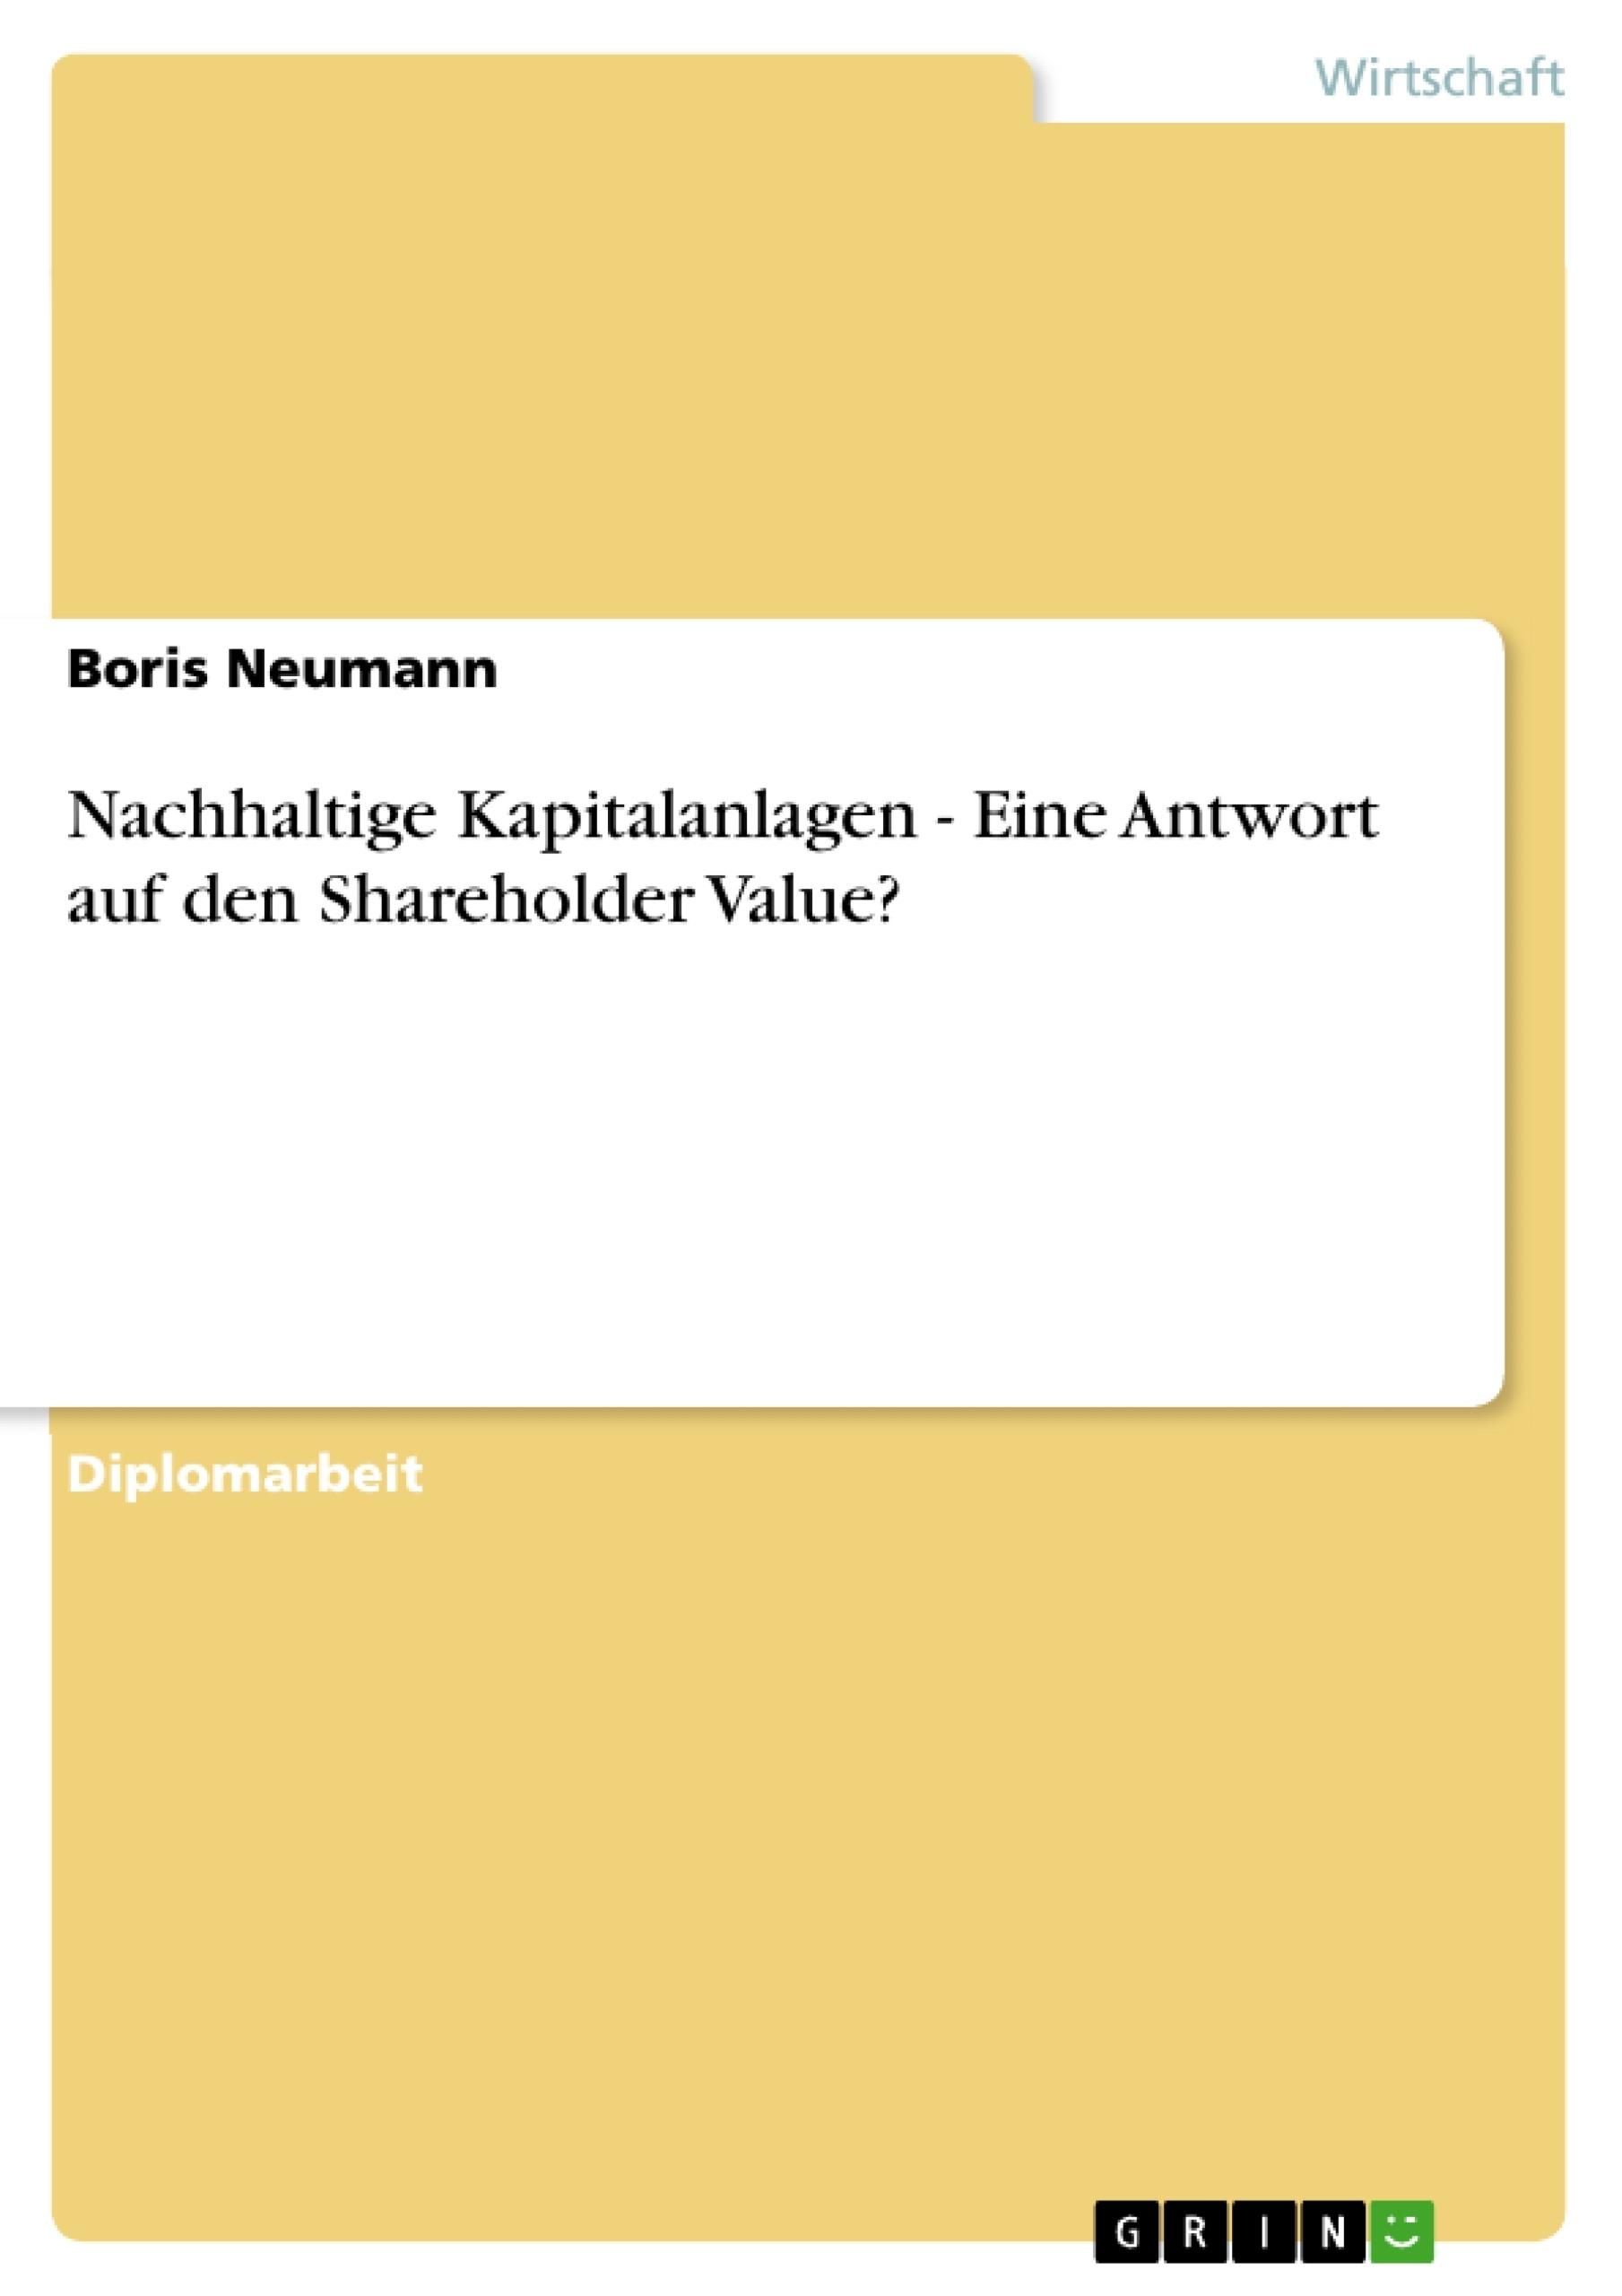 Titel: Nachhaltige Kapitalanlagen - Eine Antwort auf den Shareholder Value?